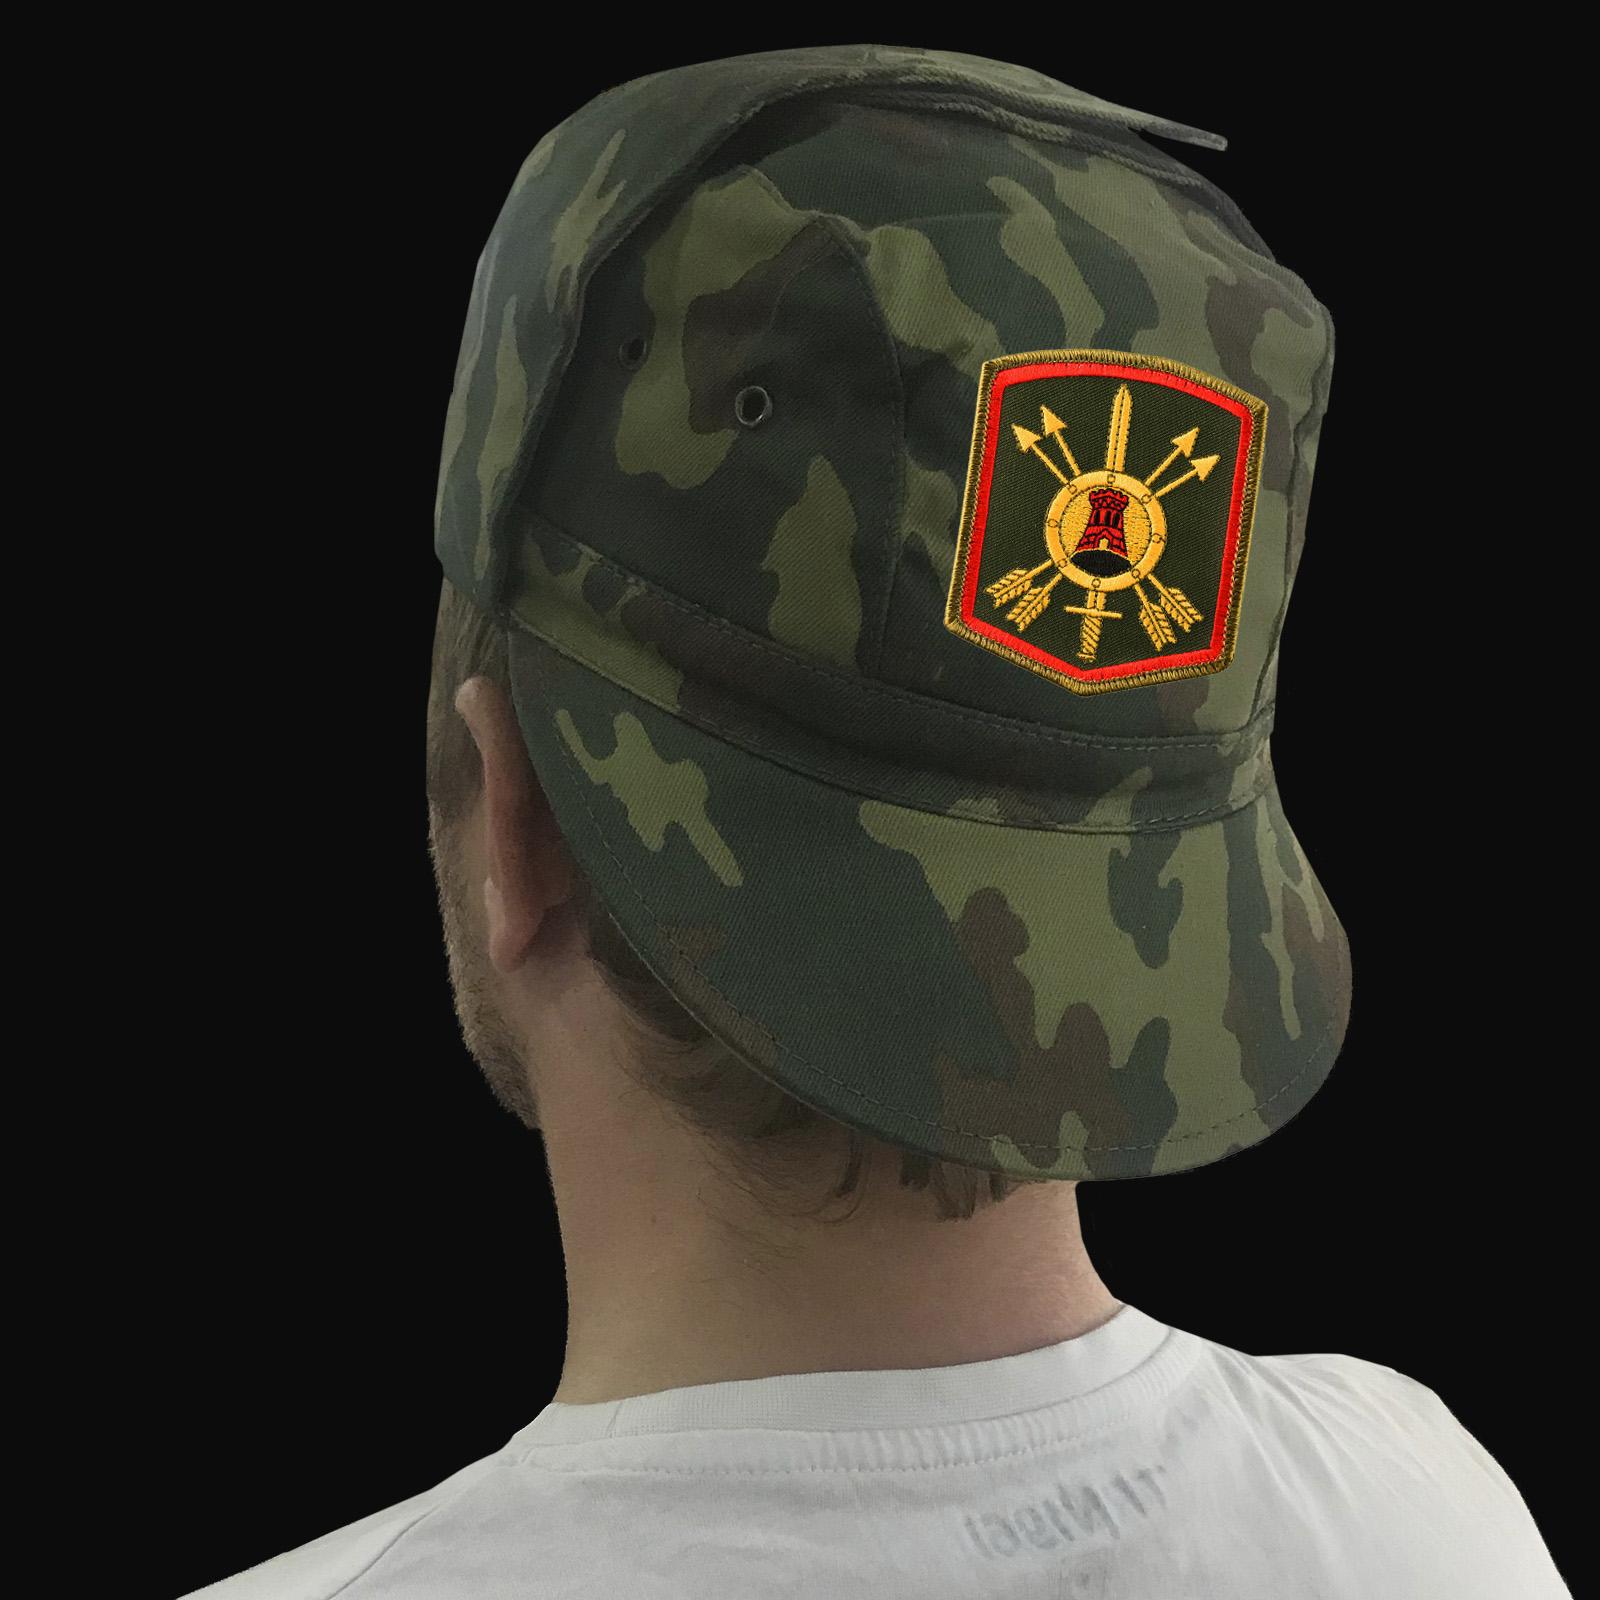 Бейсболки и кепки с вышитыми шевронами Ракетных войск